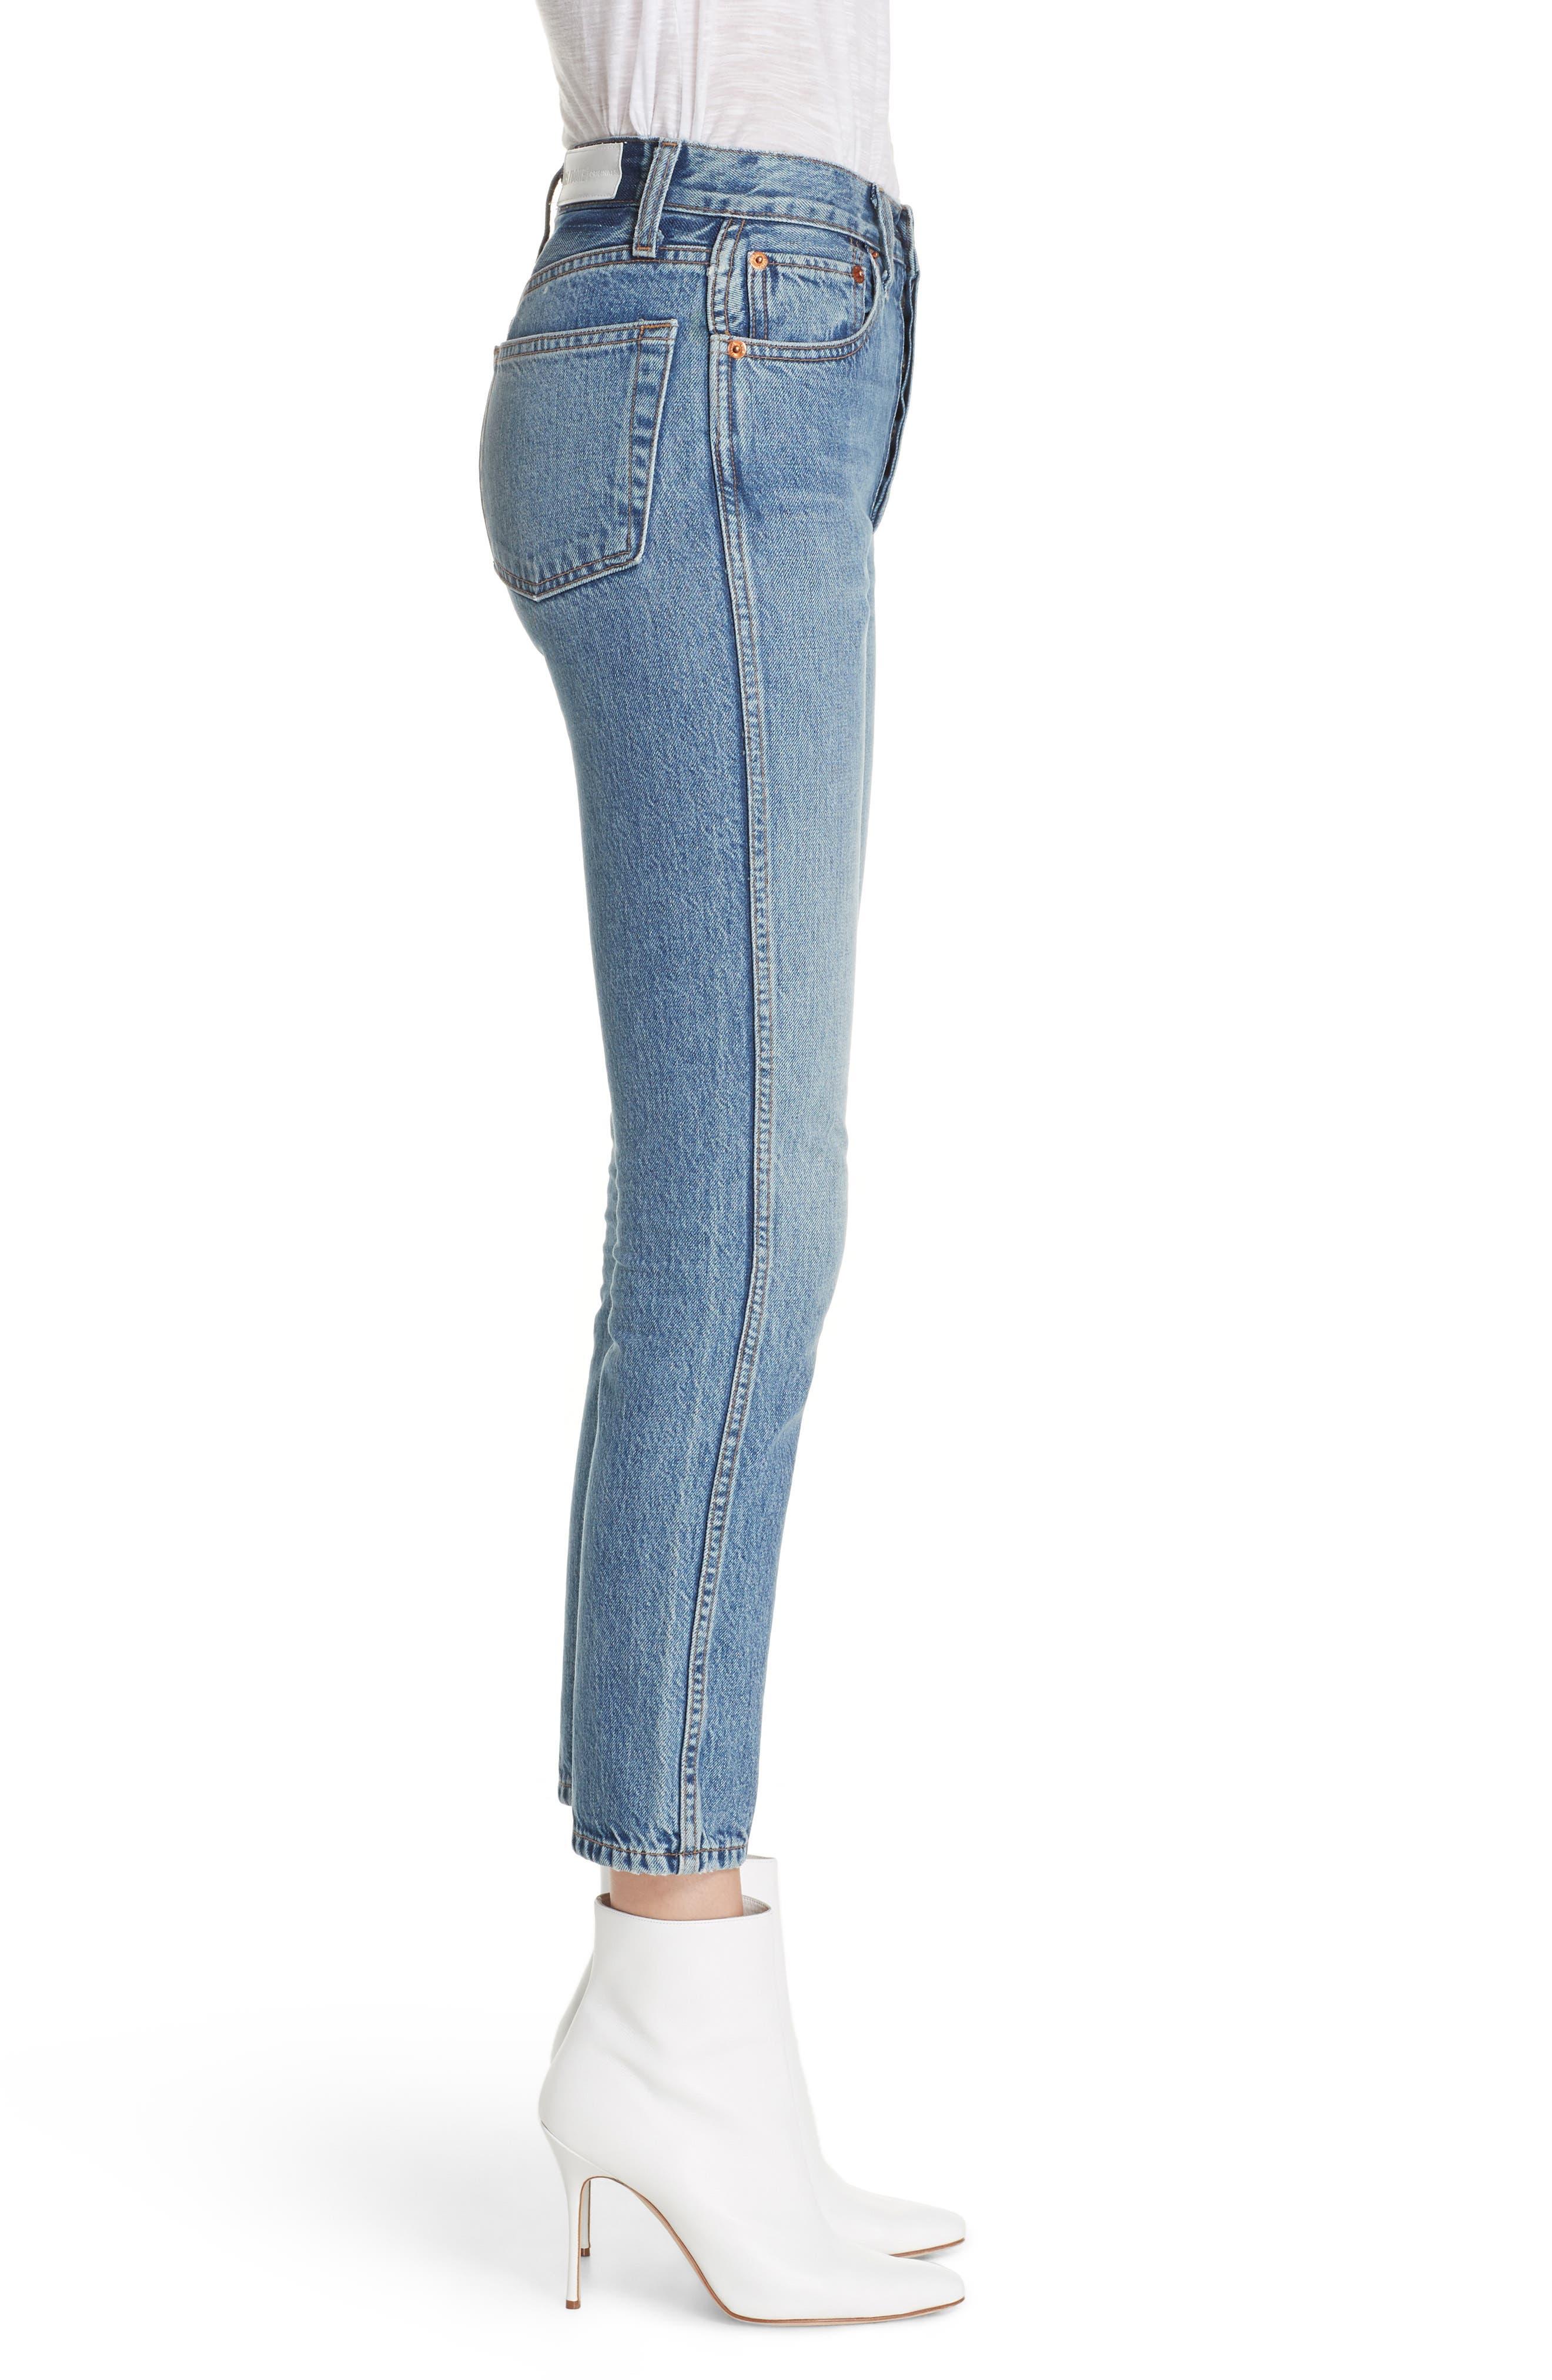 Originals High Waist Double Needle Ankle Jeans,                             Alternate thumbnail 3, color,                             400